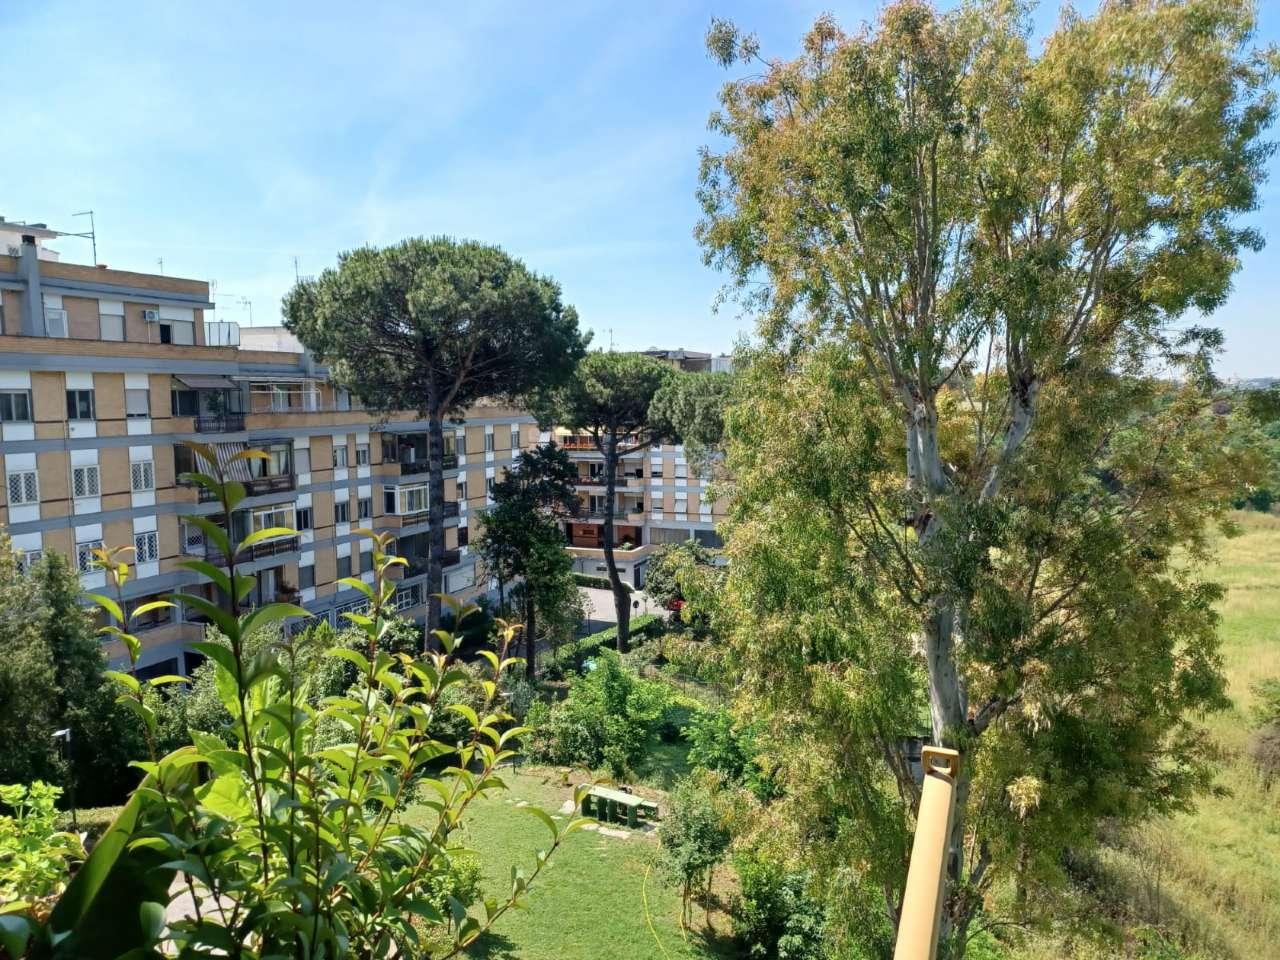 Appartamento in vendita a Roma, 11 locali, zona Zona: 6 . Nuovo Salario, Prati Fiscali, Tufello, Conca d'Oro, Città giardino, prezzo € 730.000   CambioCasa.it